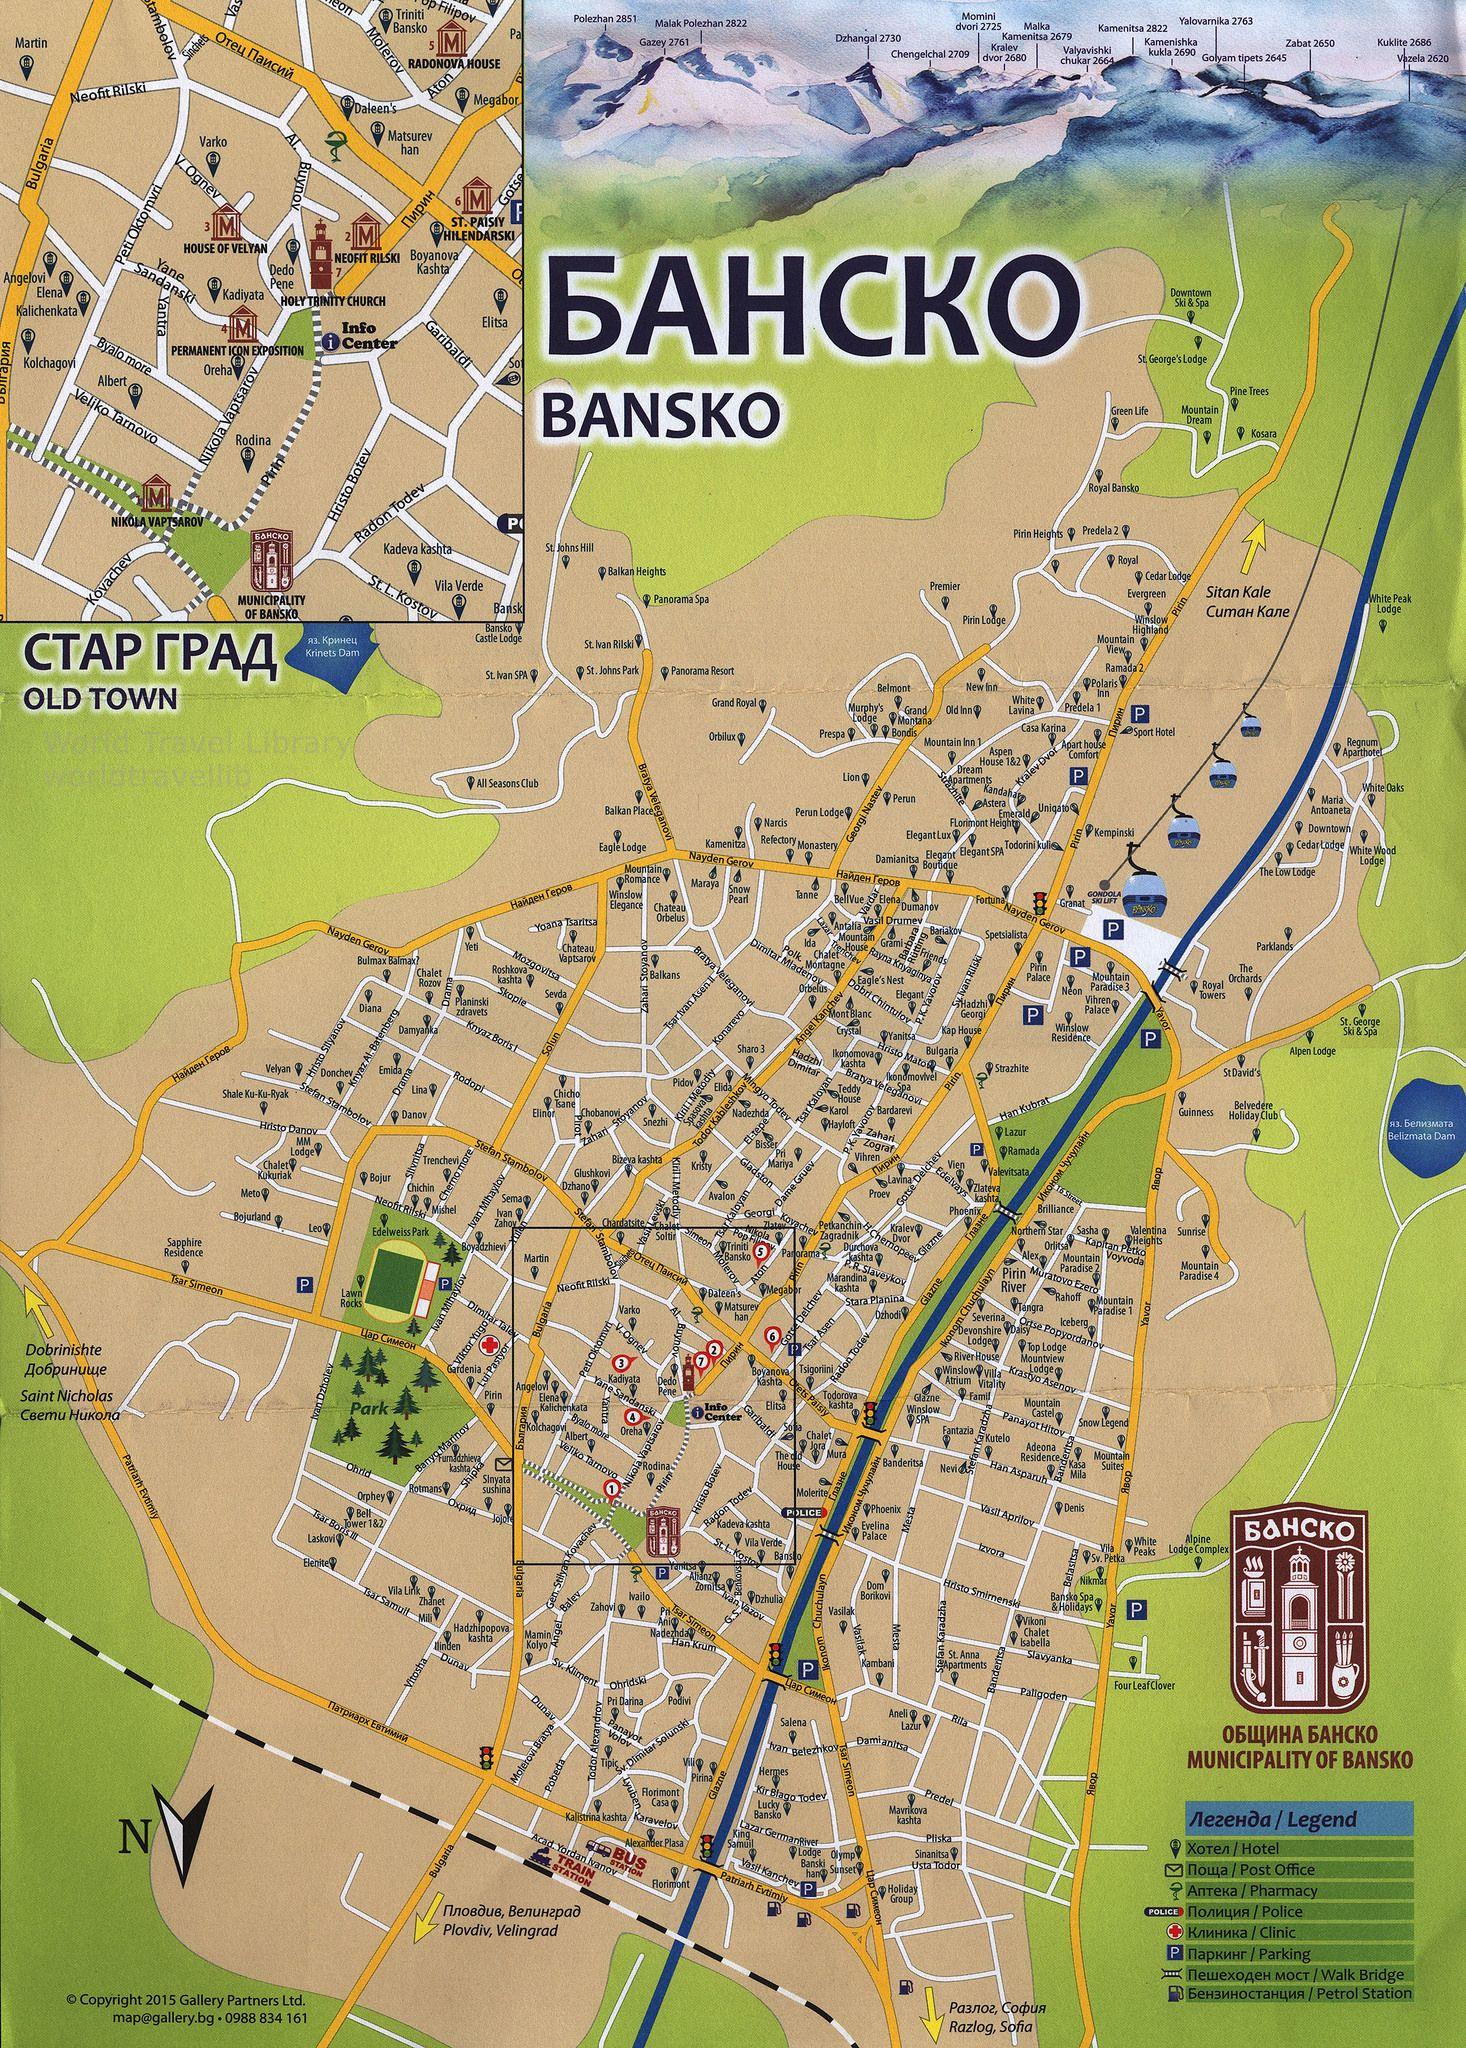 Bansko Bansko Map 2015 Blagoevgrad Prov South West Region